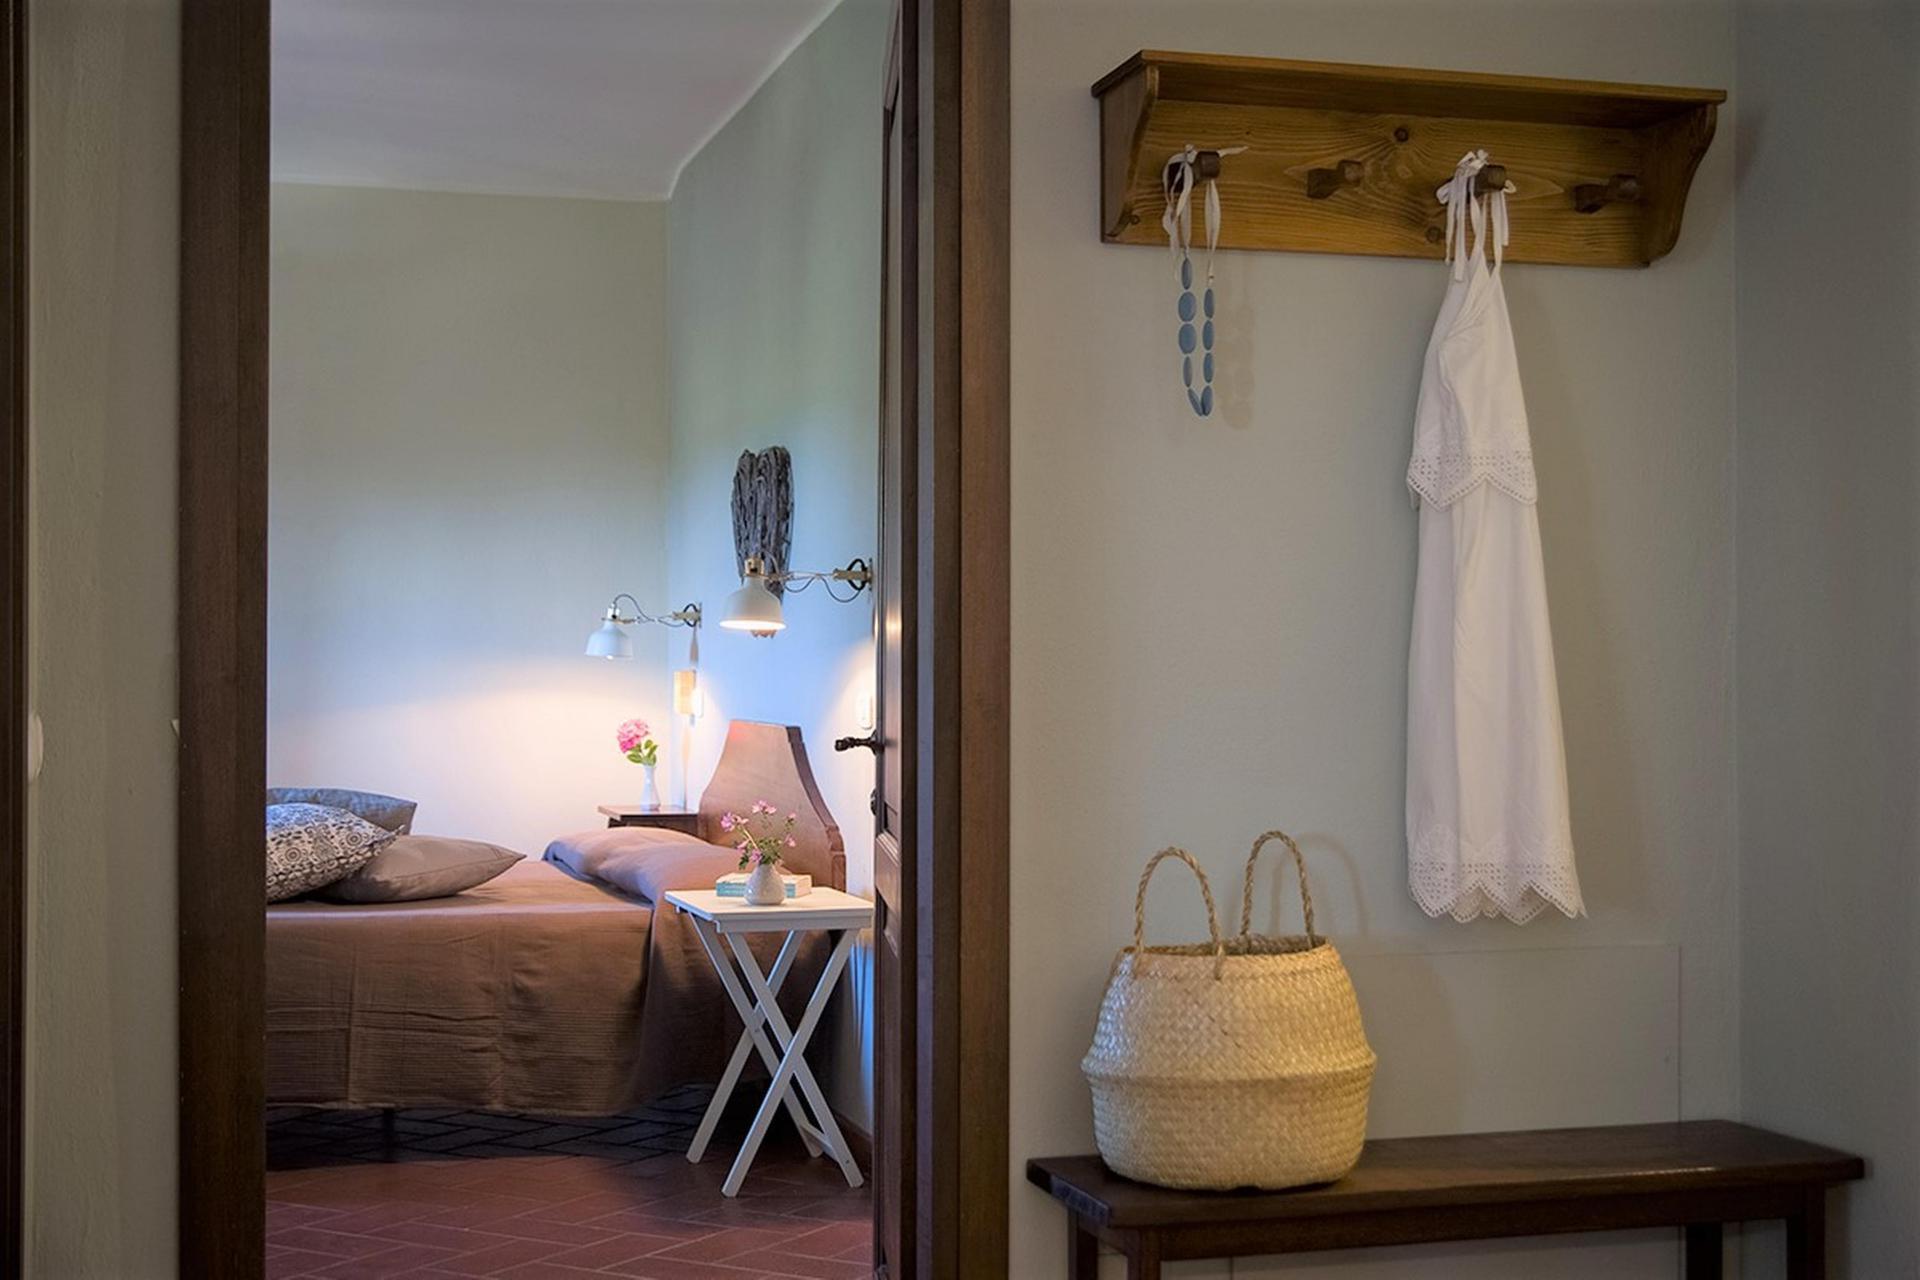 Agriturismo Toscane 10 gezellige appartementen in Maremma-streek Toscane   myitaly.nl